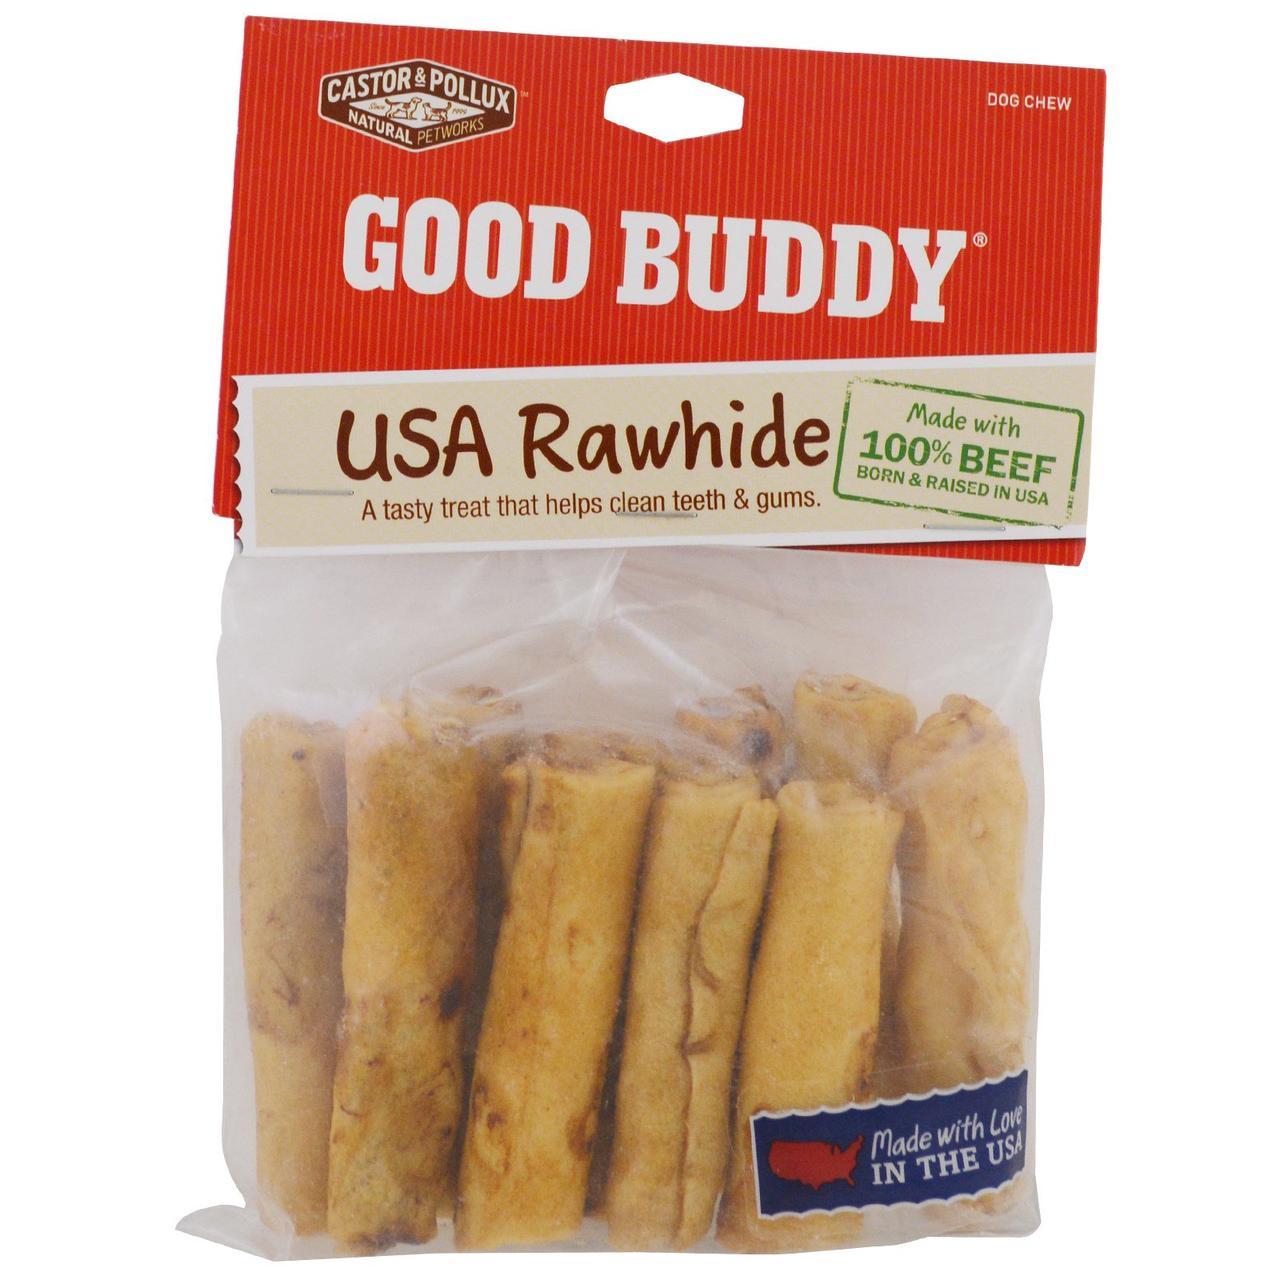 Castor & Pollux, Good Buddy, американская сыромятная кожа, палочки с ароматом курицы, 10 палочек